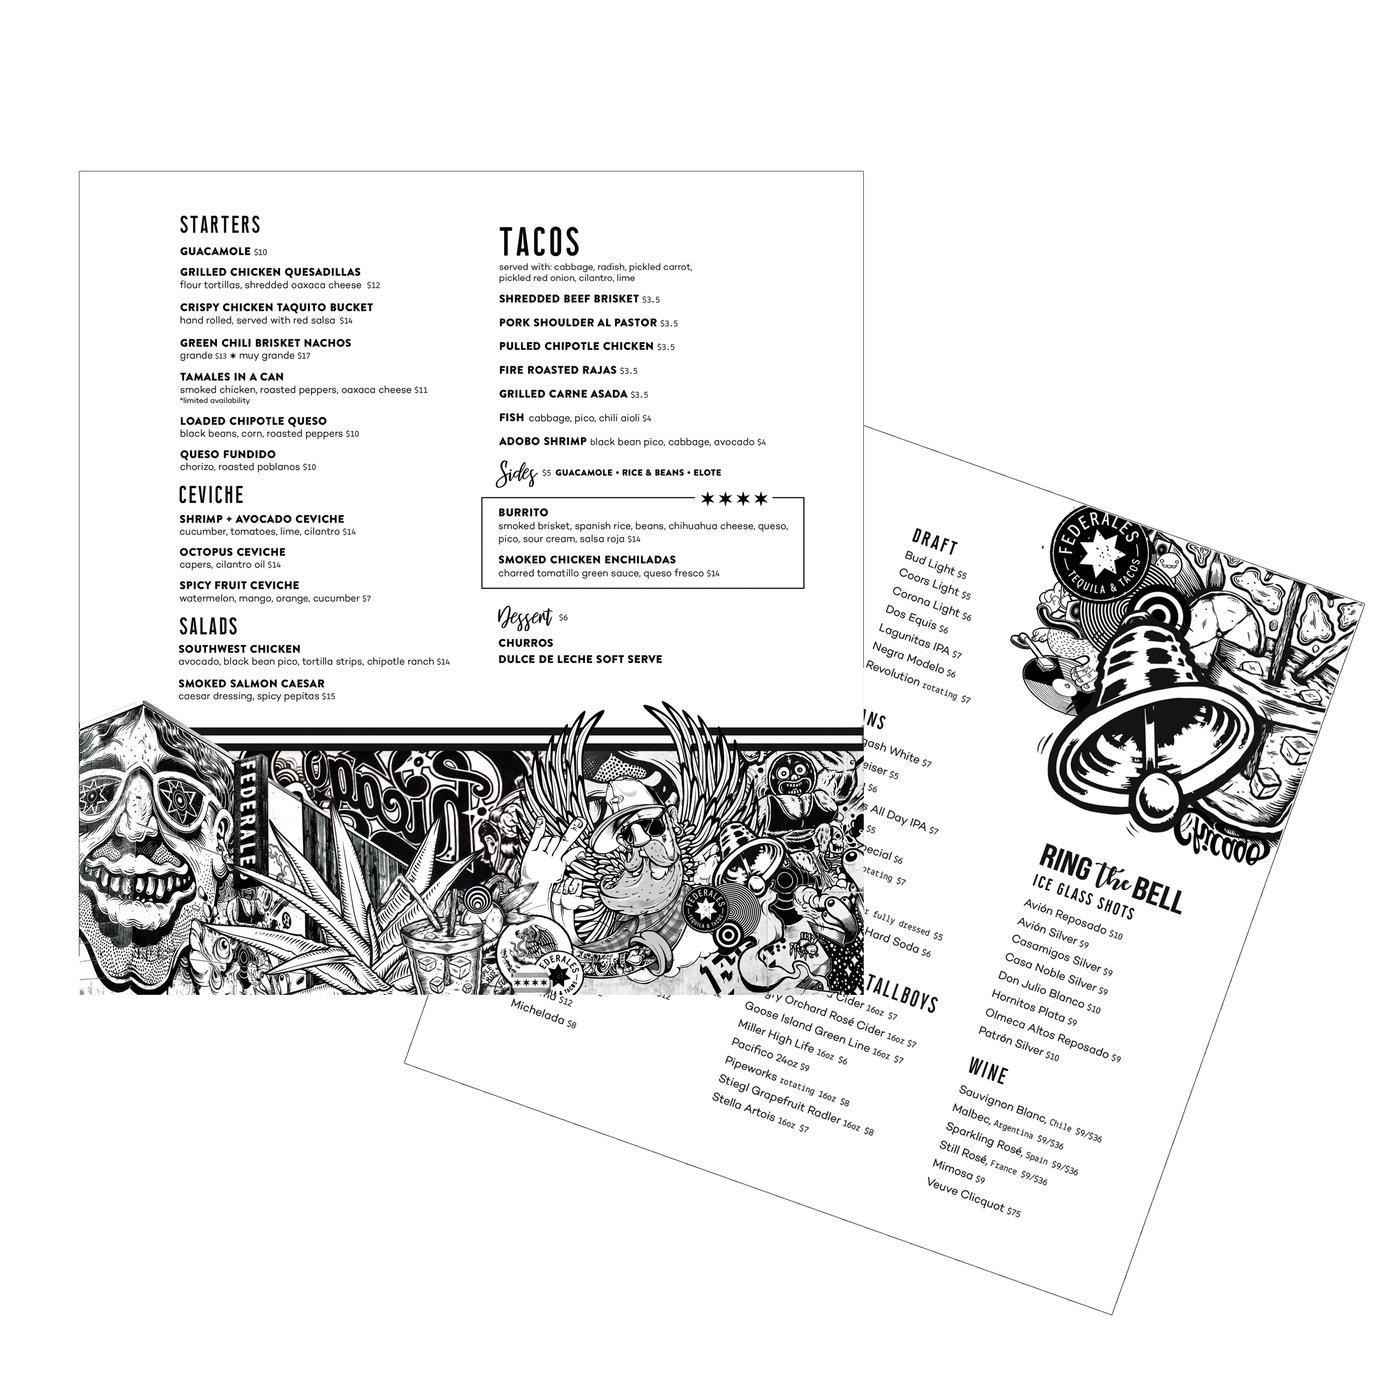 Menu Design by Joshua Atterberry at Coroflot com